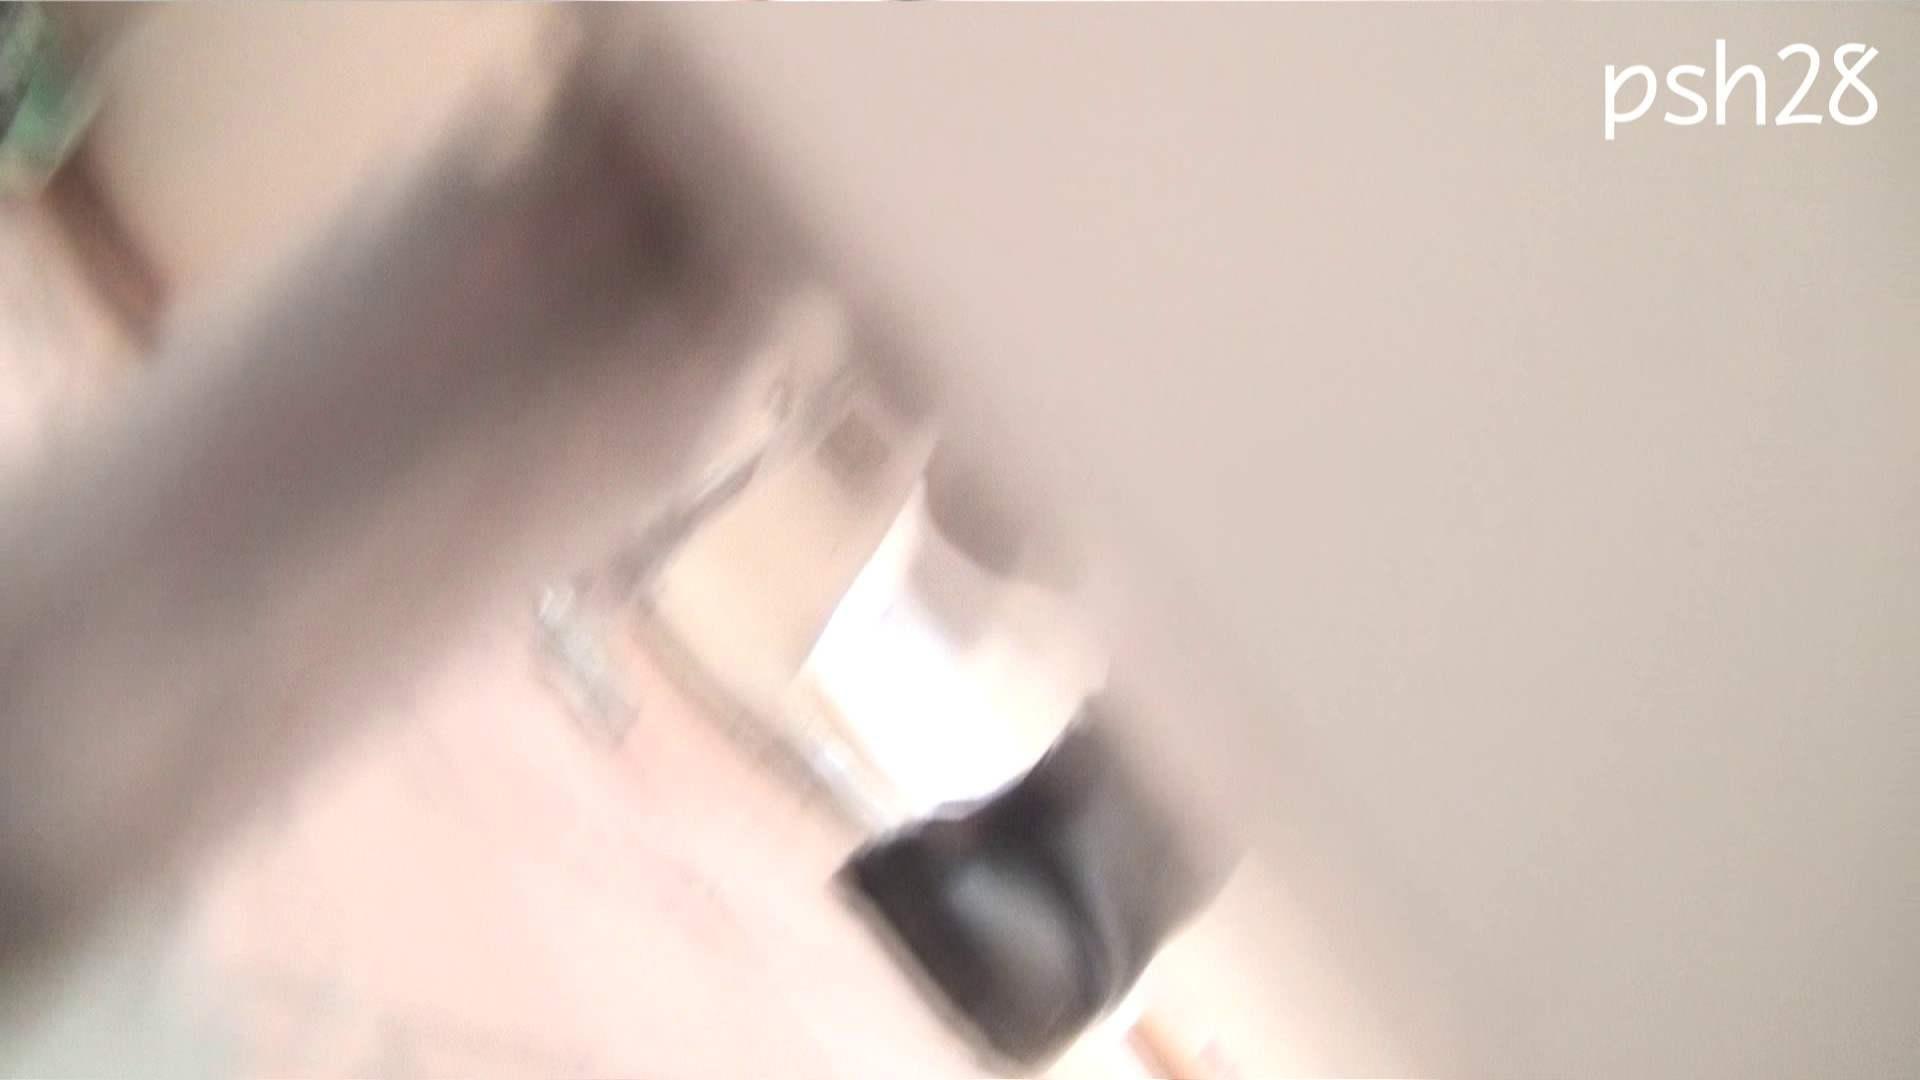 ▲復活限定▲ハイビジョン 盗神伝 Vol.28 色っぽいOL達  95pic 58